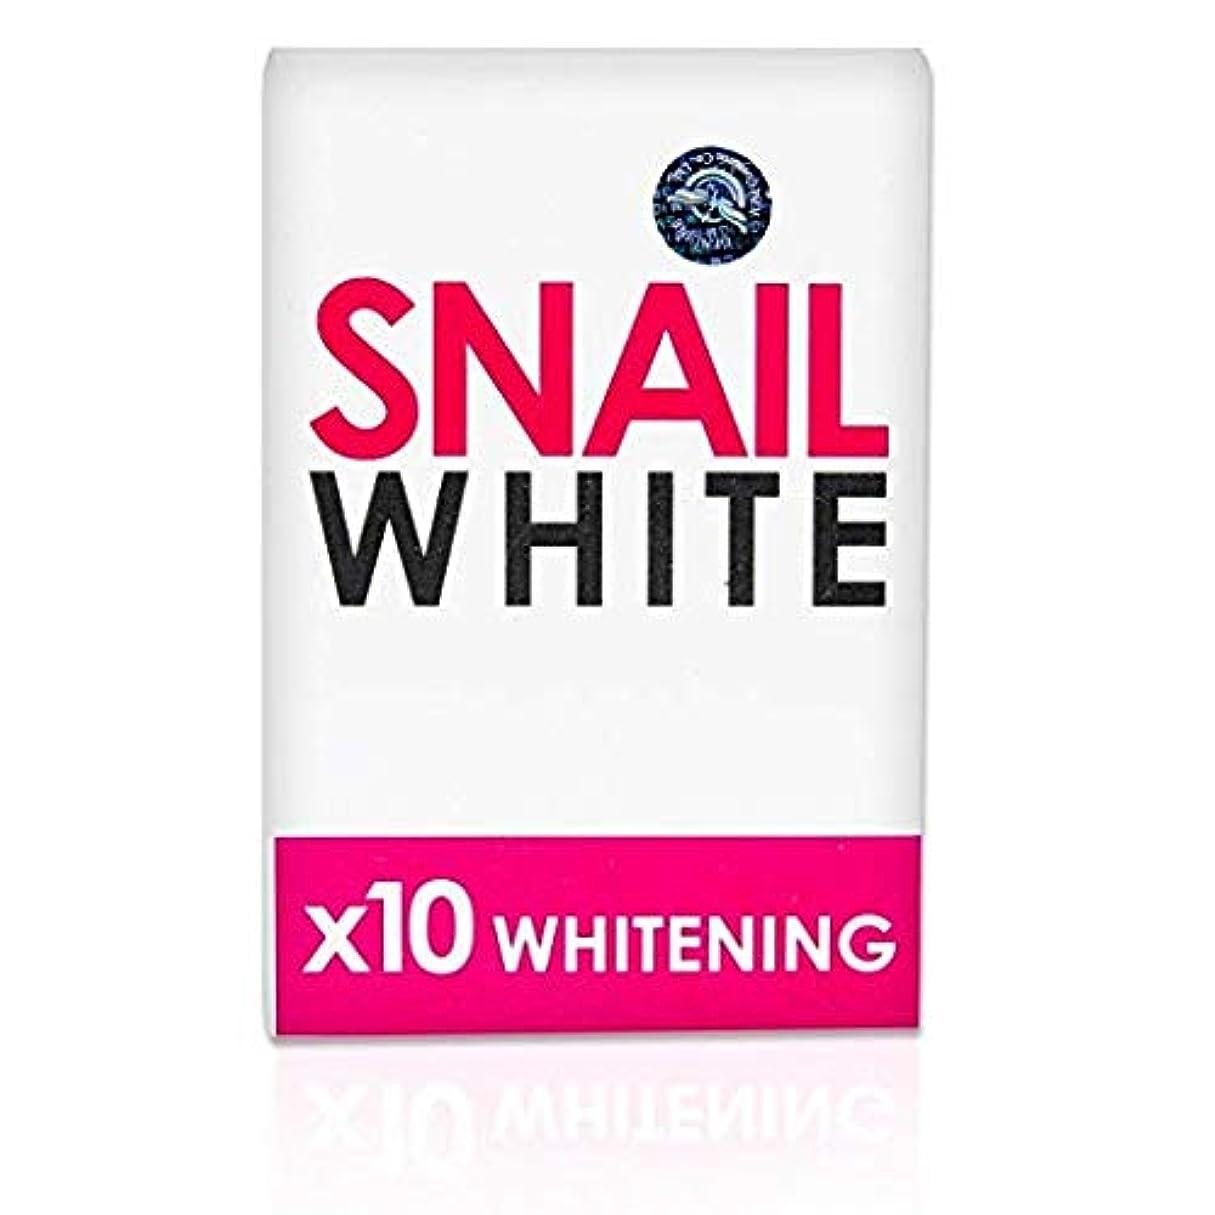 属する彼女道路スネイルホワイト Gluta Snail White x10 Whitening by Dream ホワイトニング 固形石鹸 2個